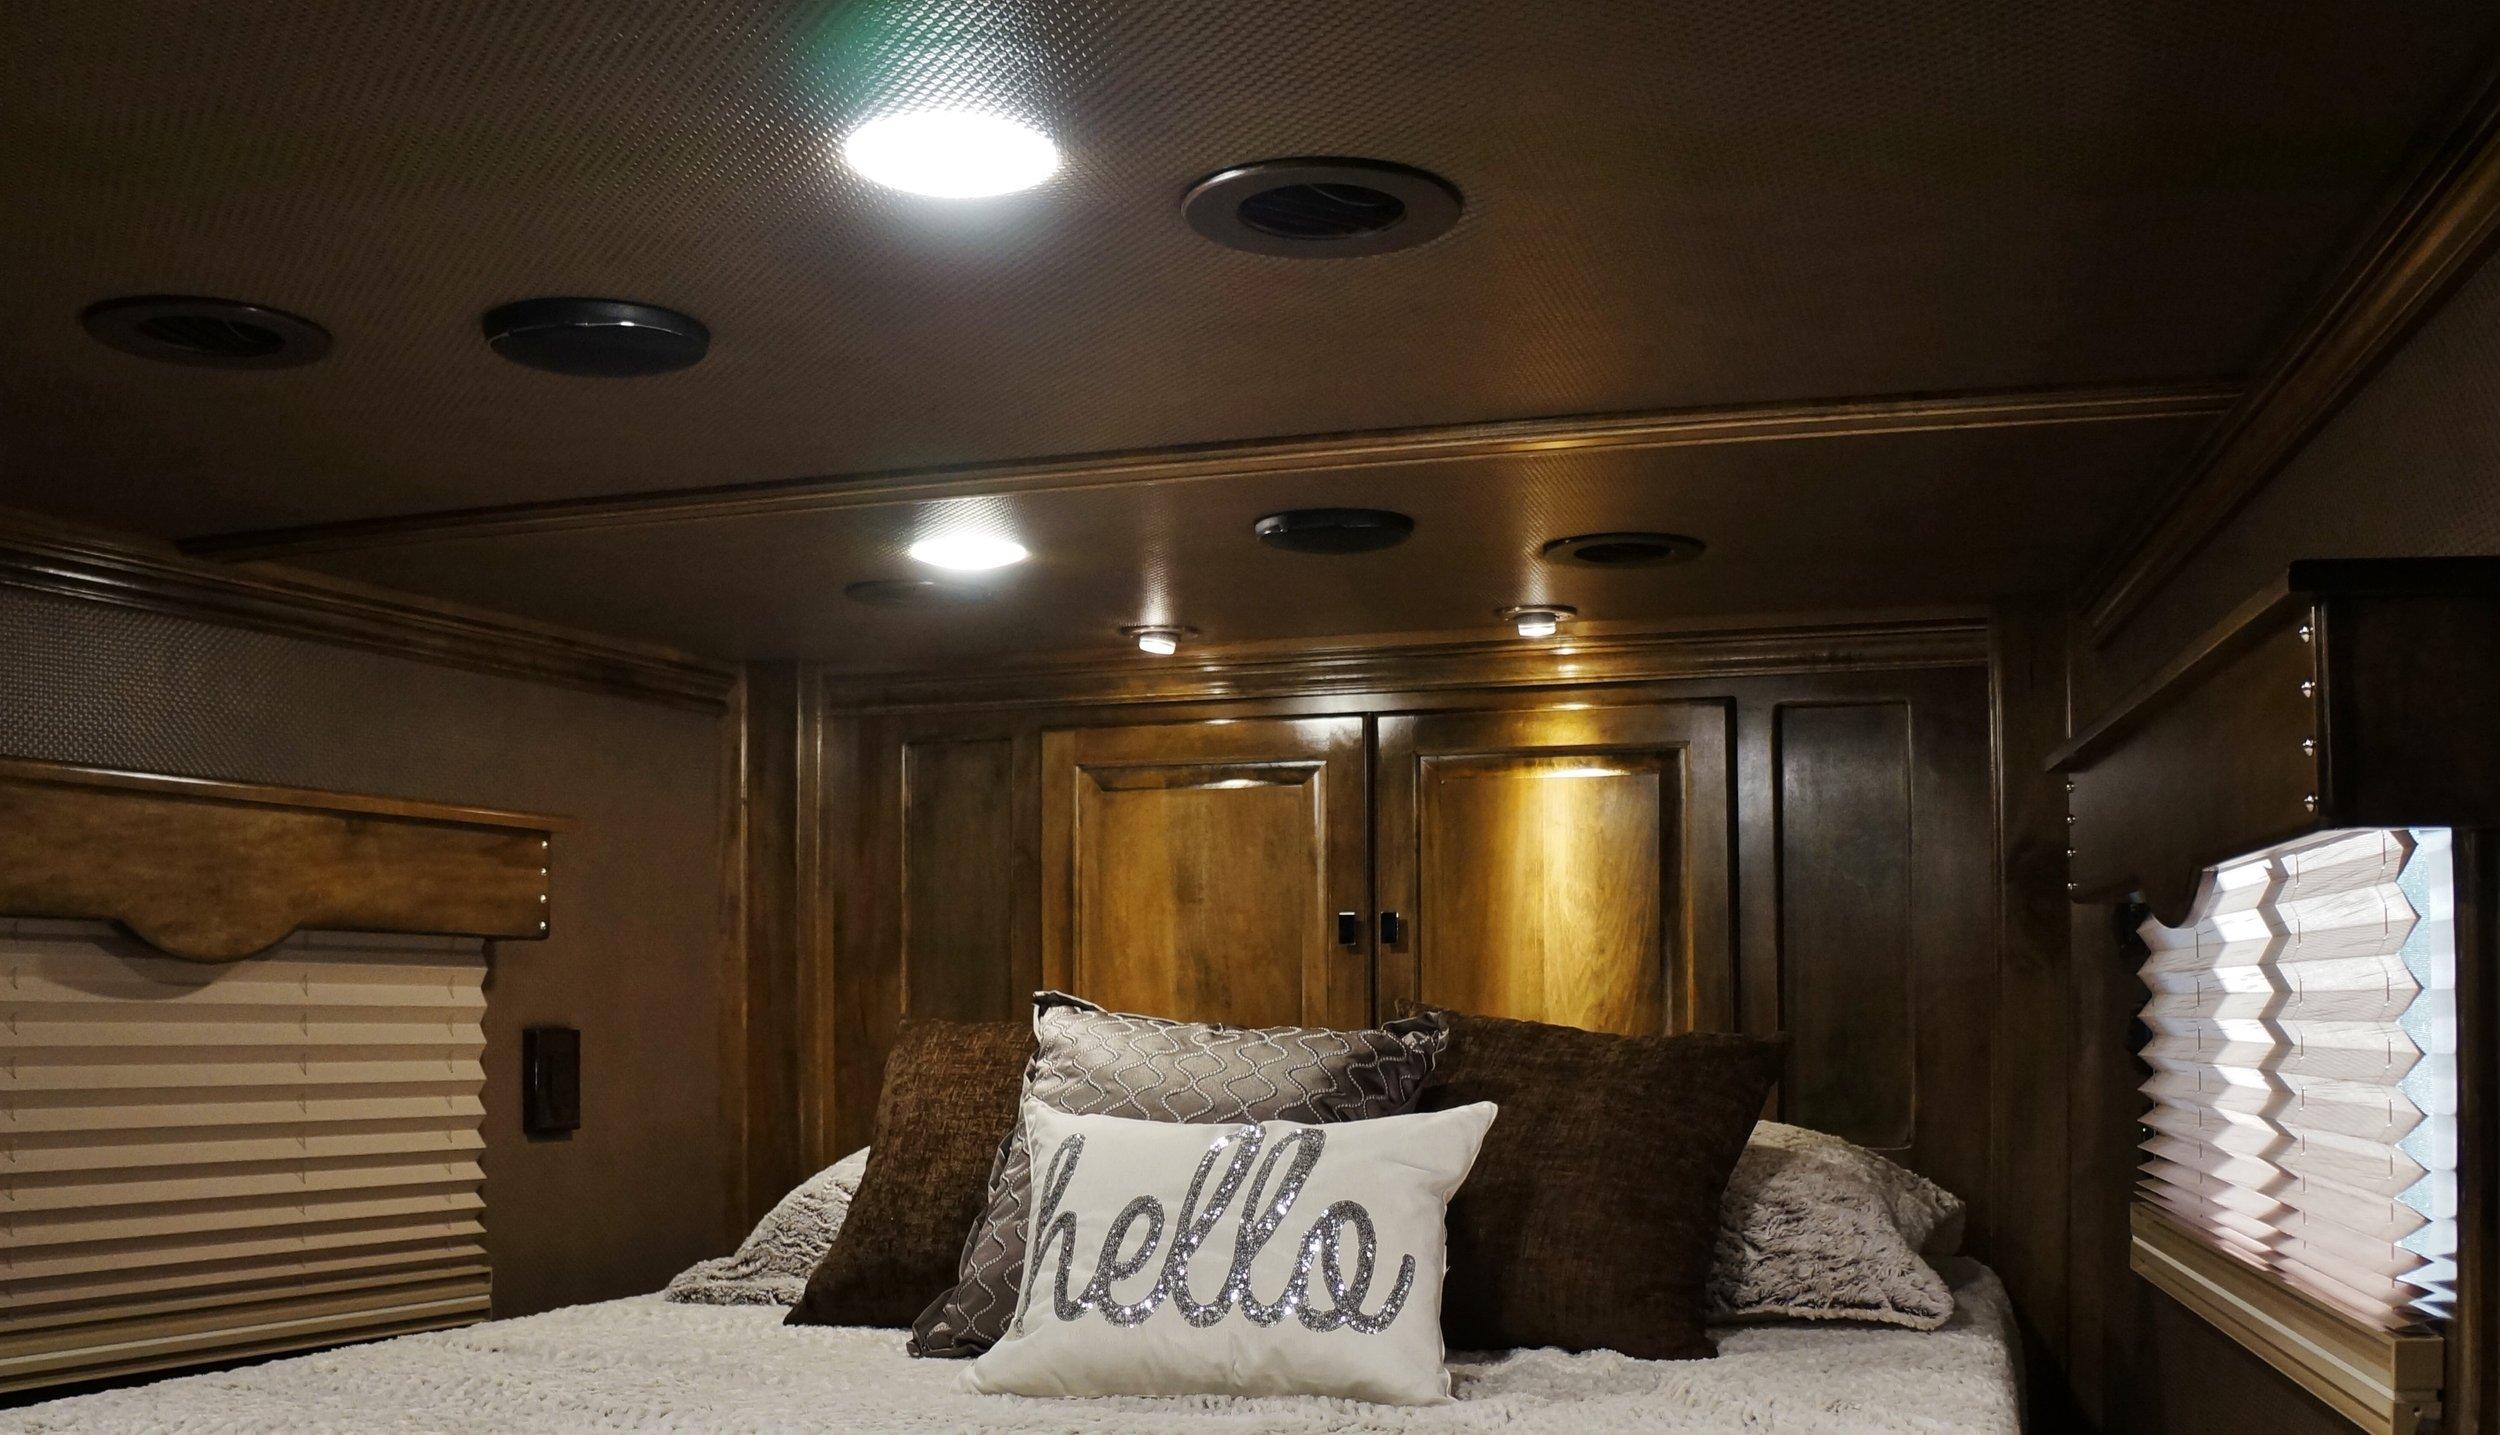 Standard LED Ceiling Lights